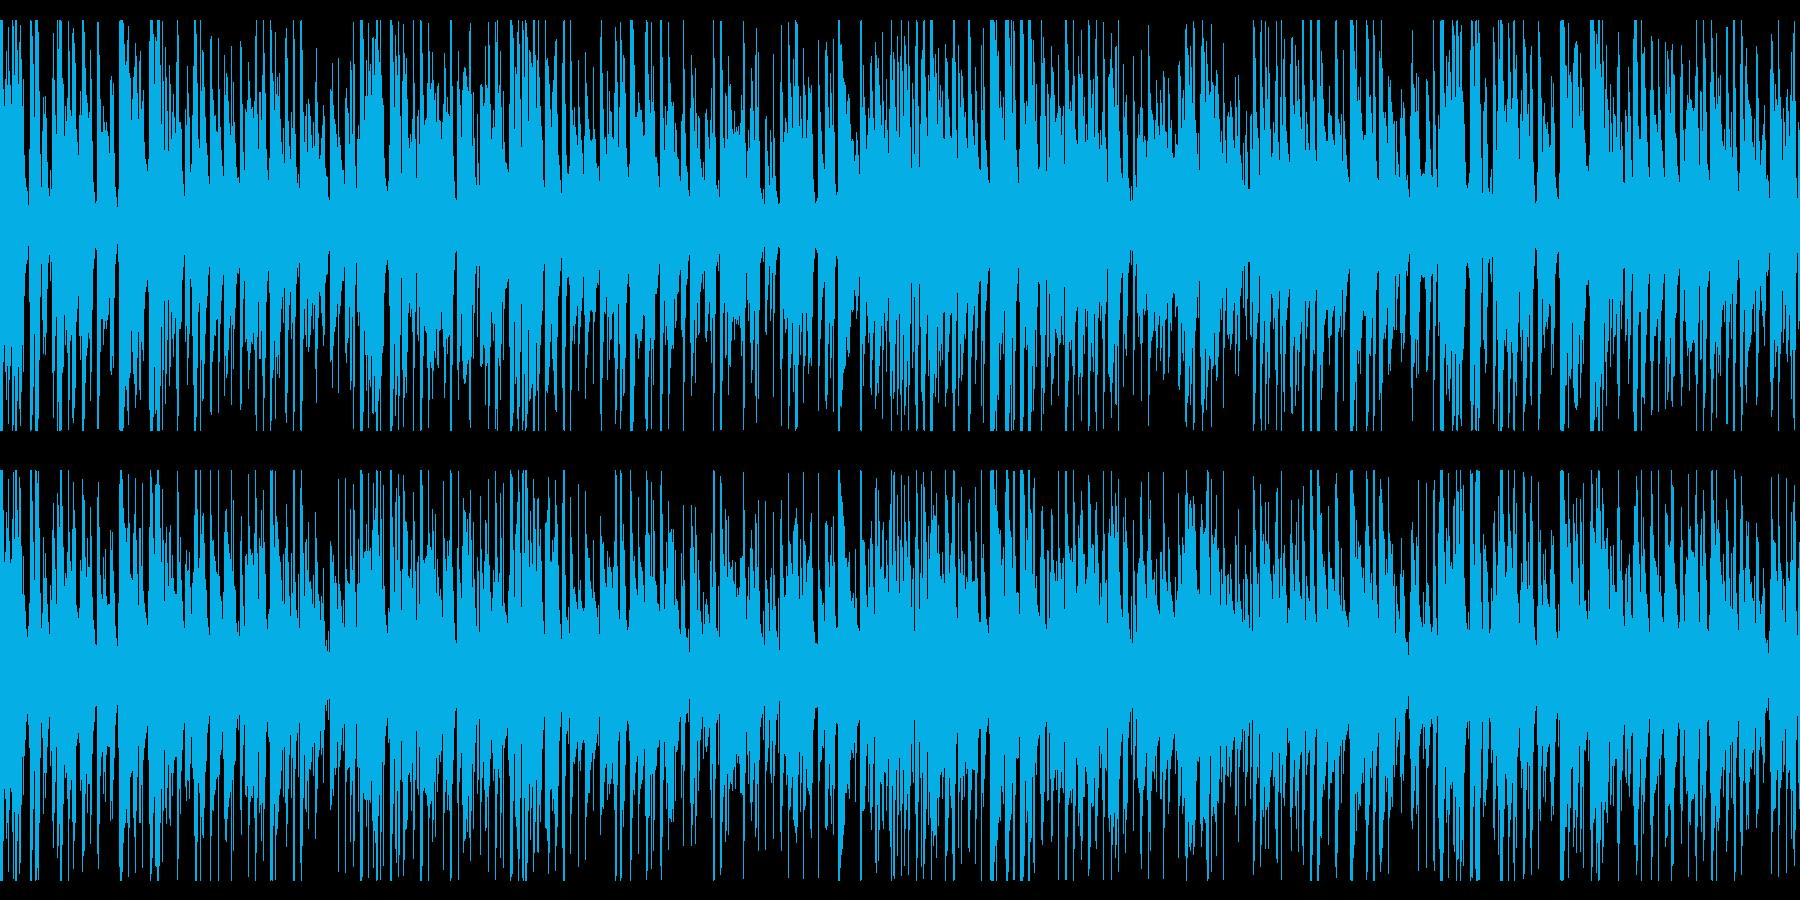 お洒落なジャズピアノトリオ19 ループの再生済みの波形